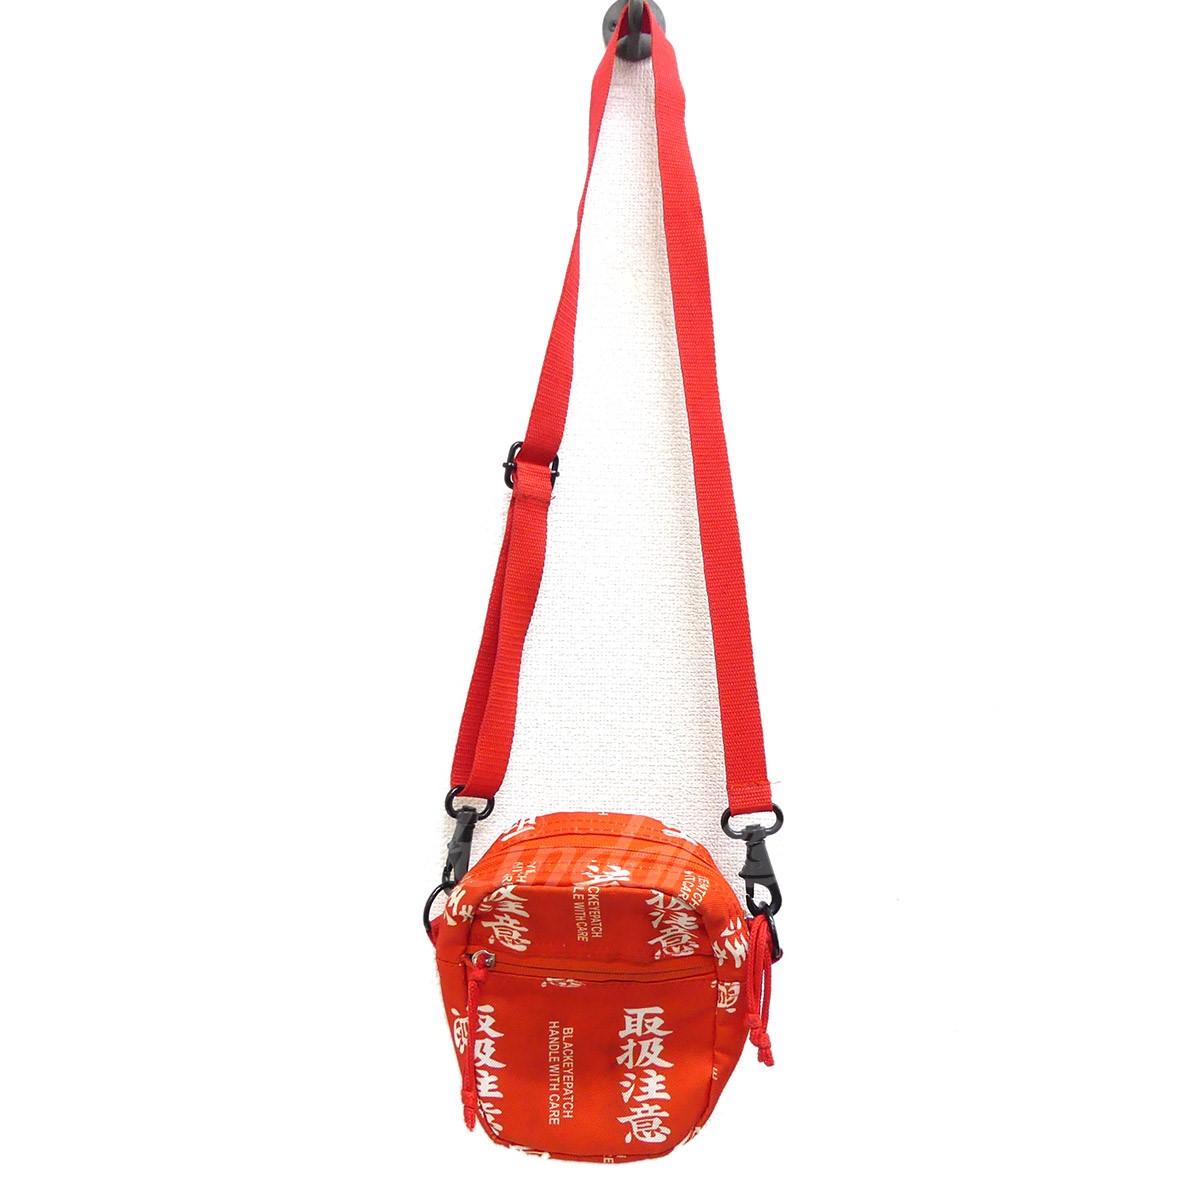 【中古】Black Eye Patch HANDLE WITH CARE LABEL SHOULDER BAG 取扱注意 レッド 【送料無料】 【221018】(ブラックアイパッチ)